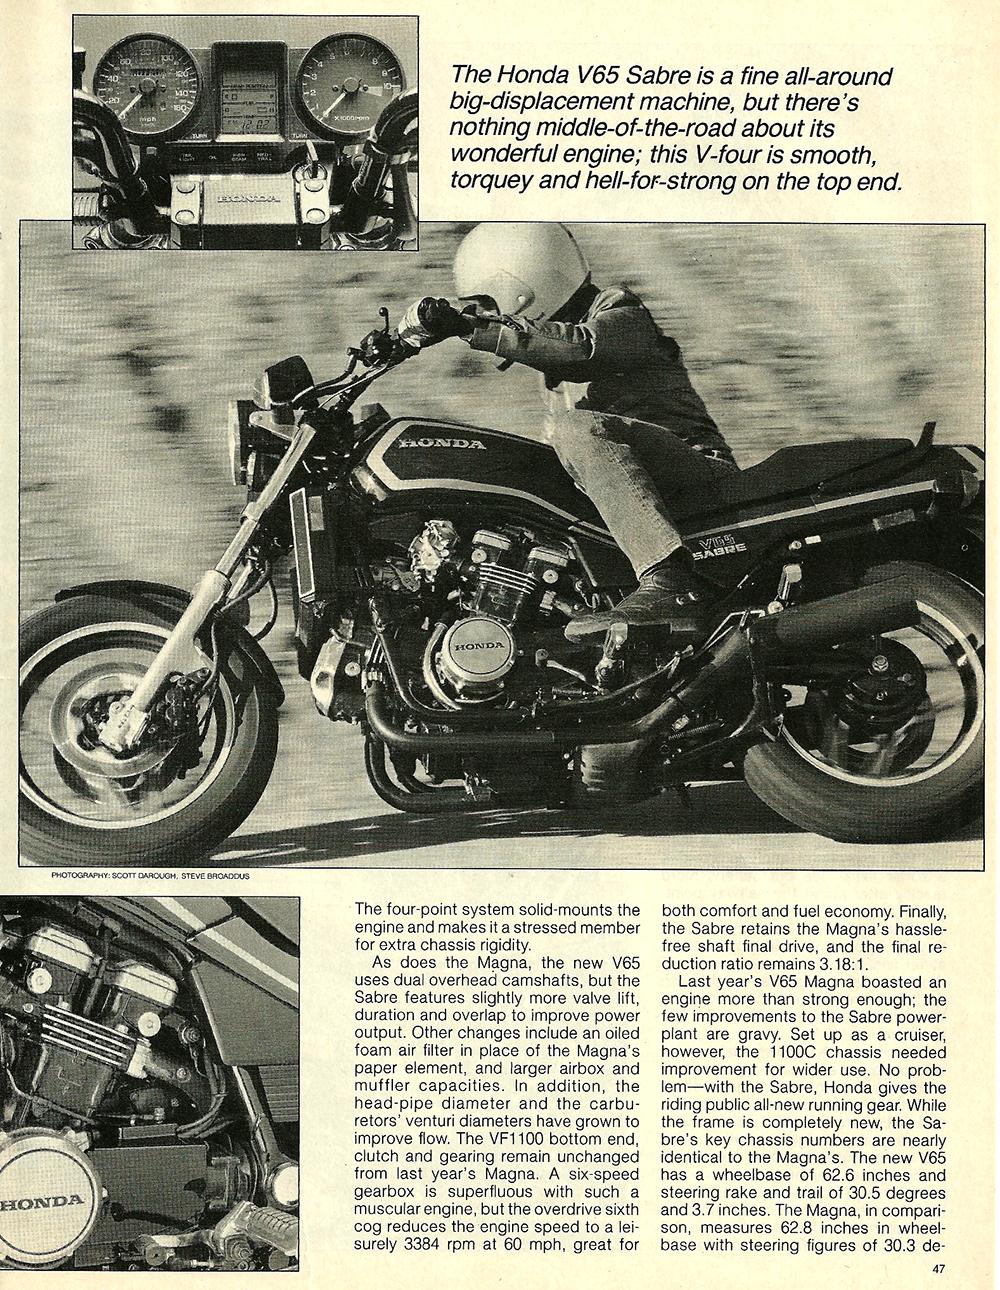 1984 Honda V65 Sabre road test 4.jpg